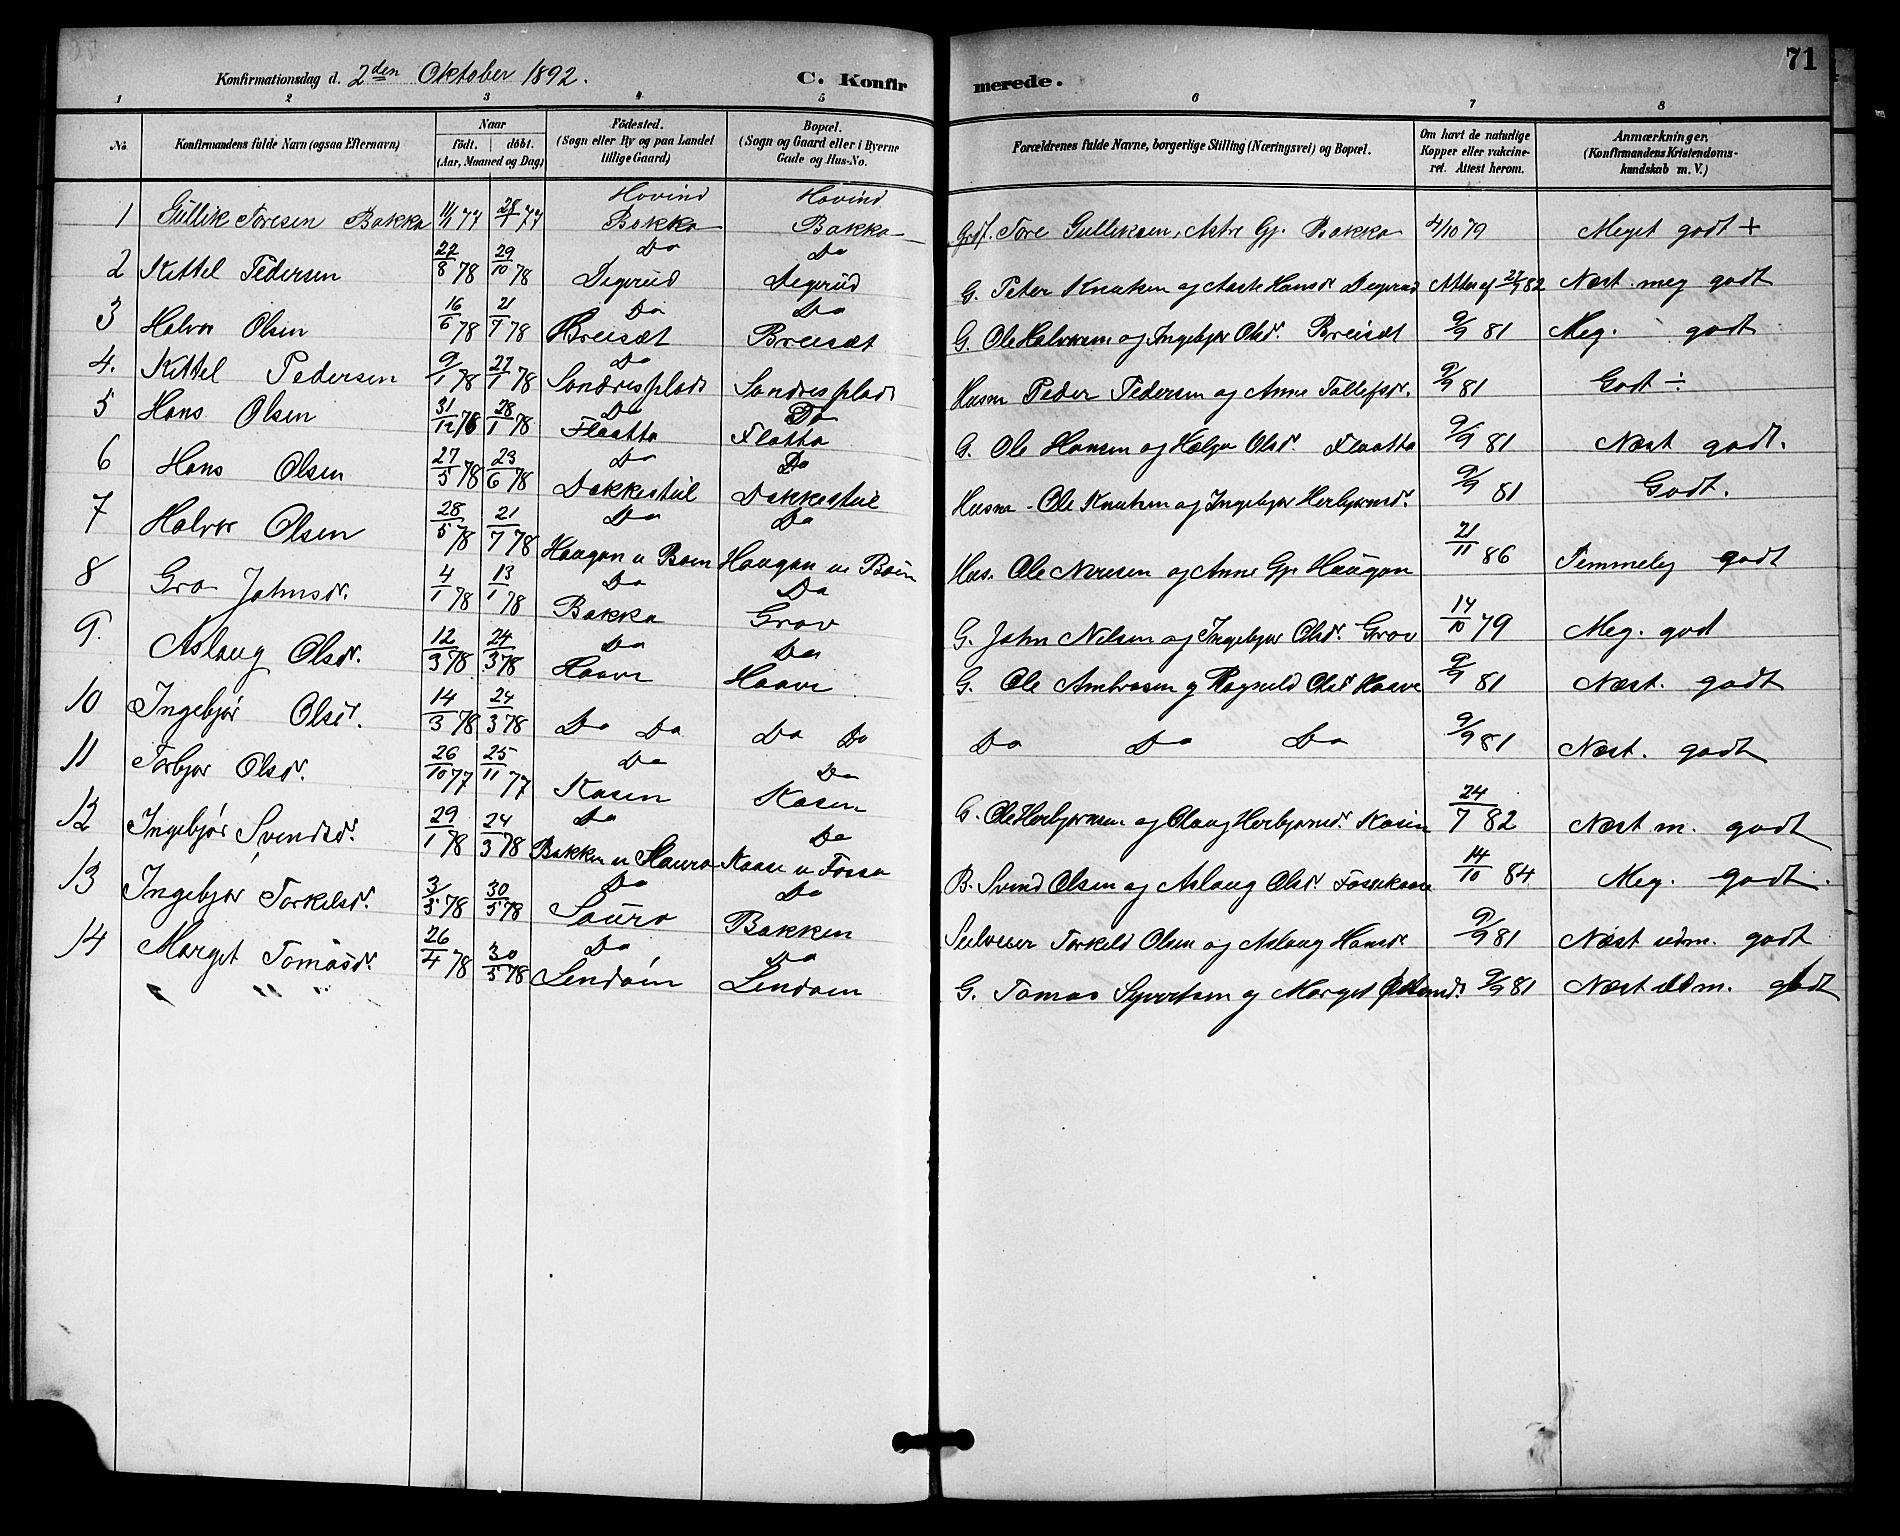 SAKO, Gransherad kirkebøker, G/Gb/L0003: Klokkerbok nr. II 3, 1887-1921, s. 71